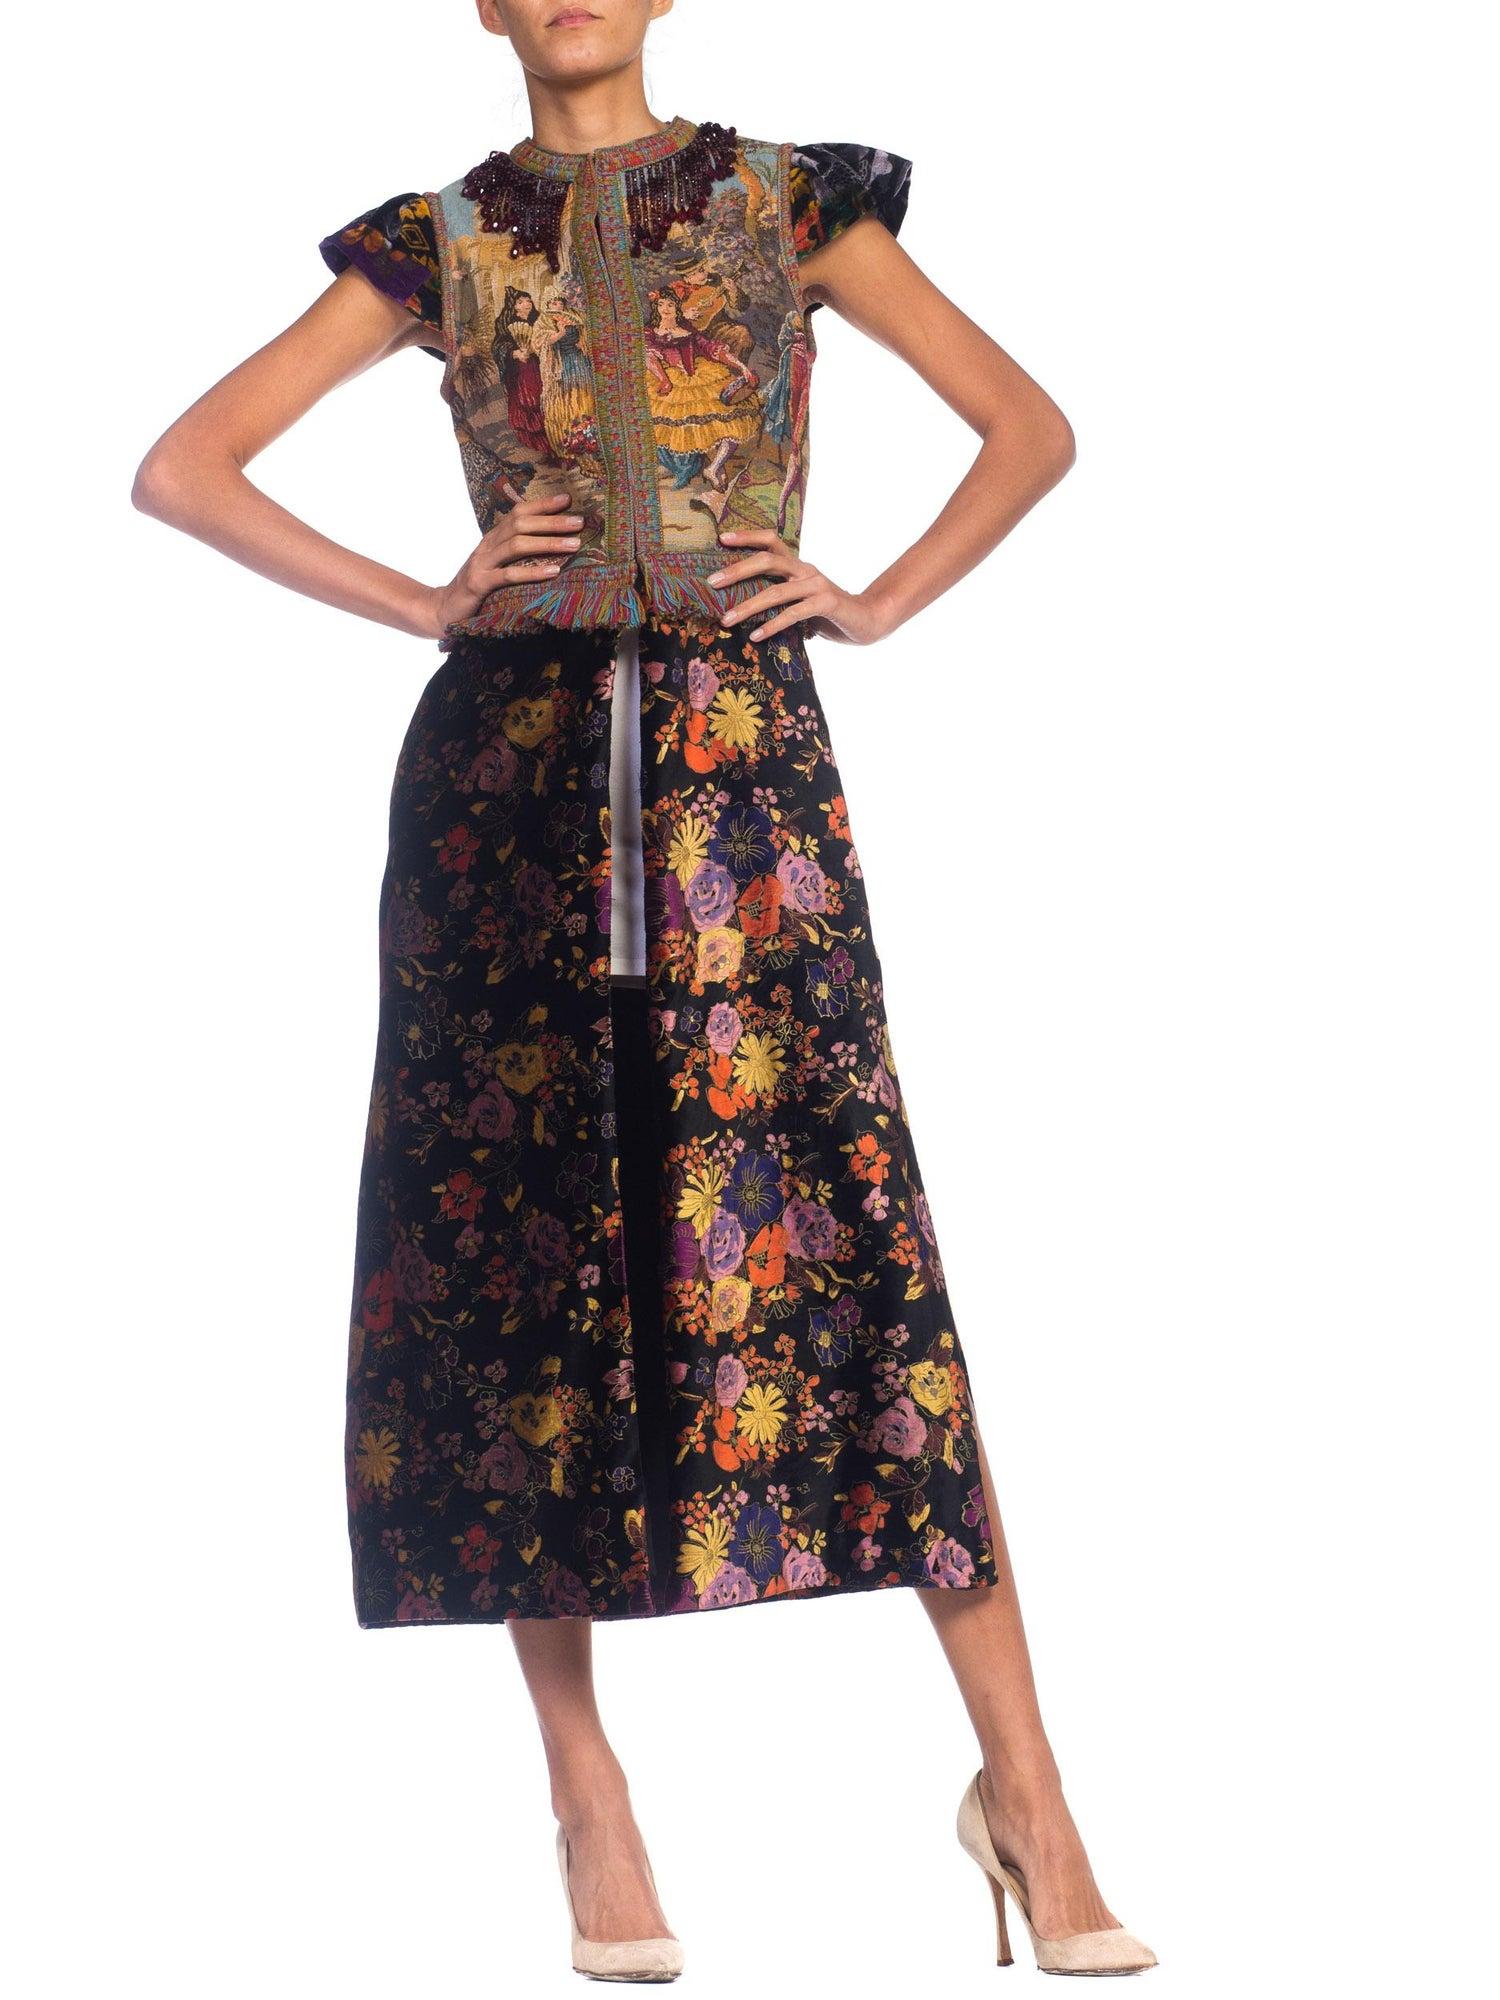 bb5f655c495 Morphew Duster Vest Dress In Velvet With Beaded Fringe For Sale at 1stdibs